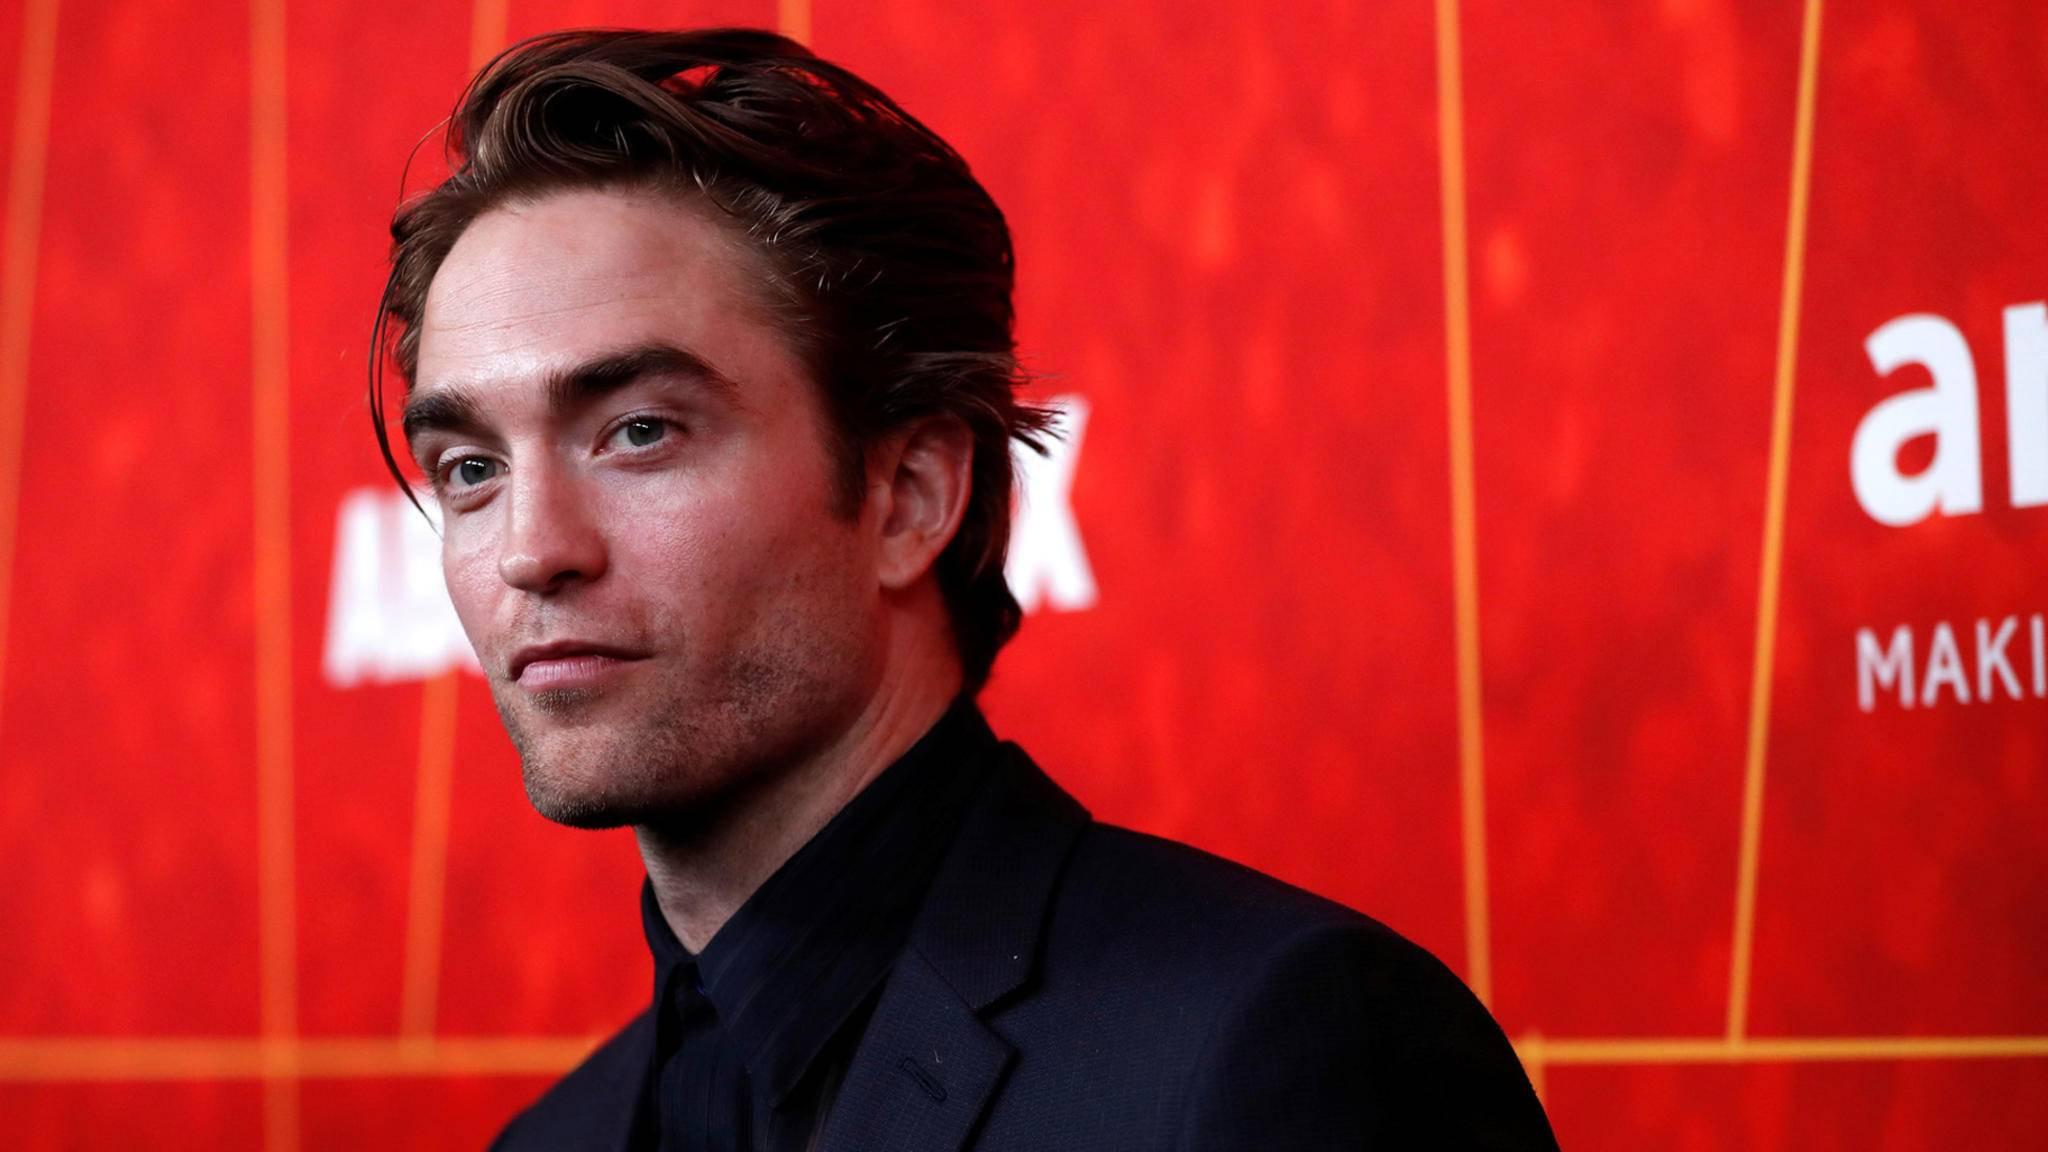 Schauspieler Robert Pattinson im Oktober 2018 bei der amfAR Gala Los Angeles in Beverly Hills